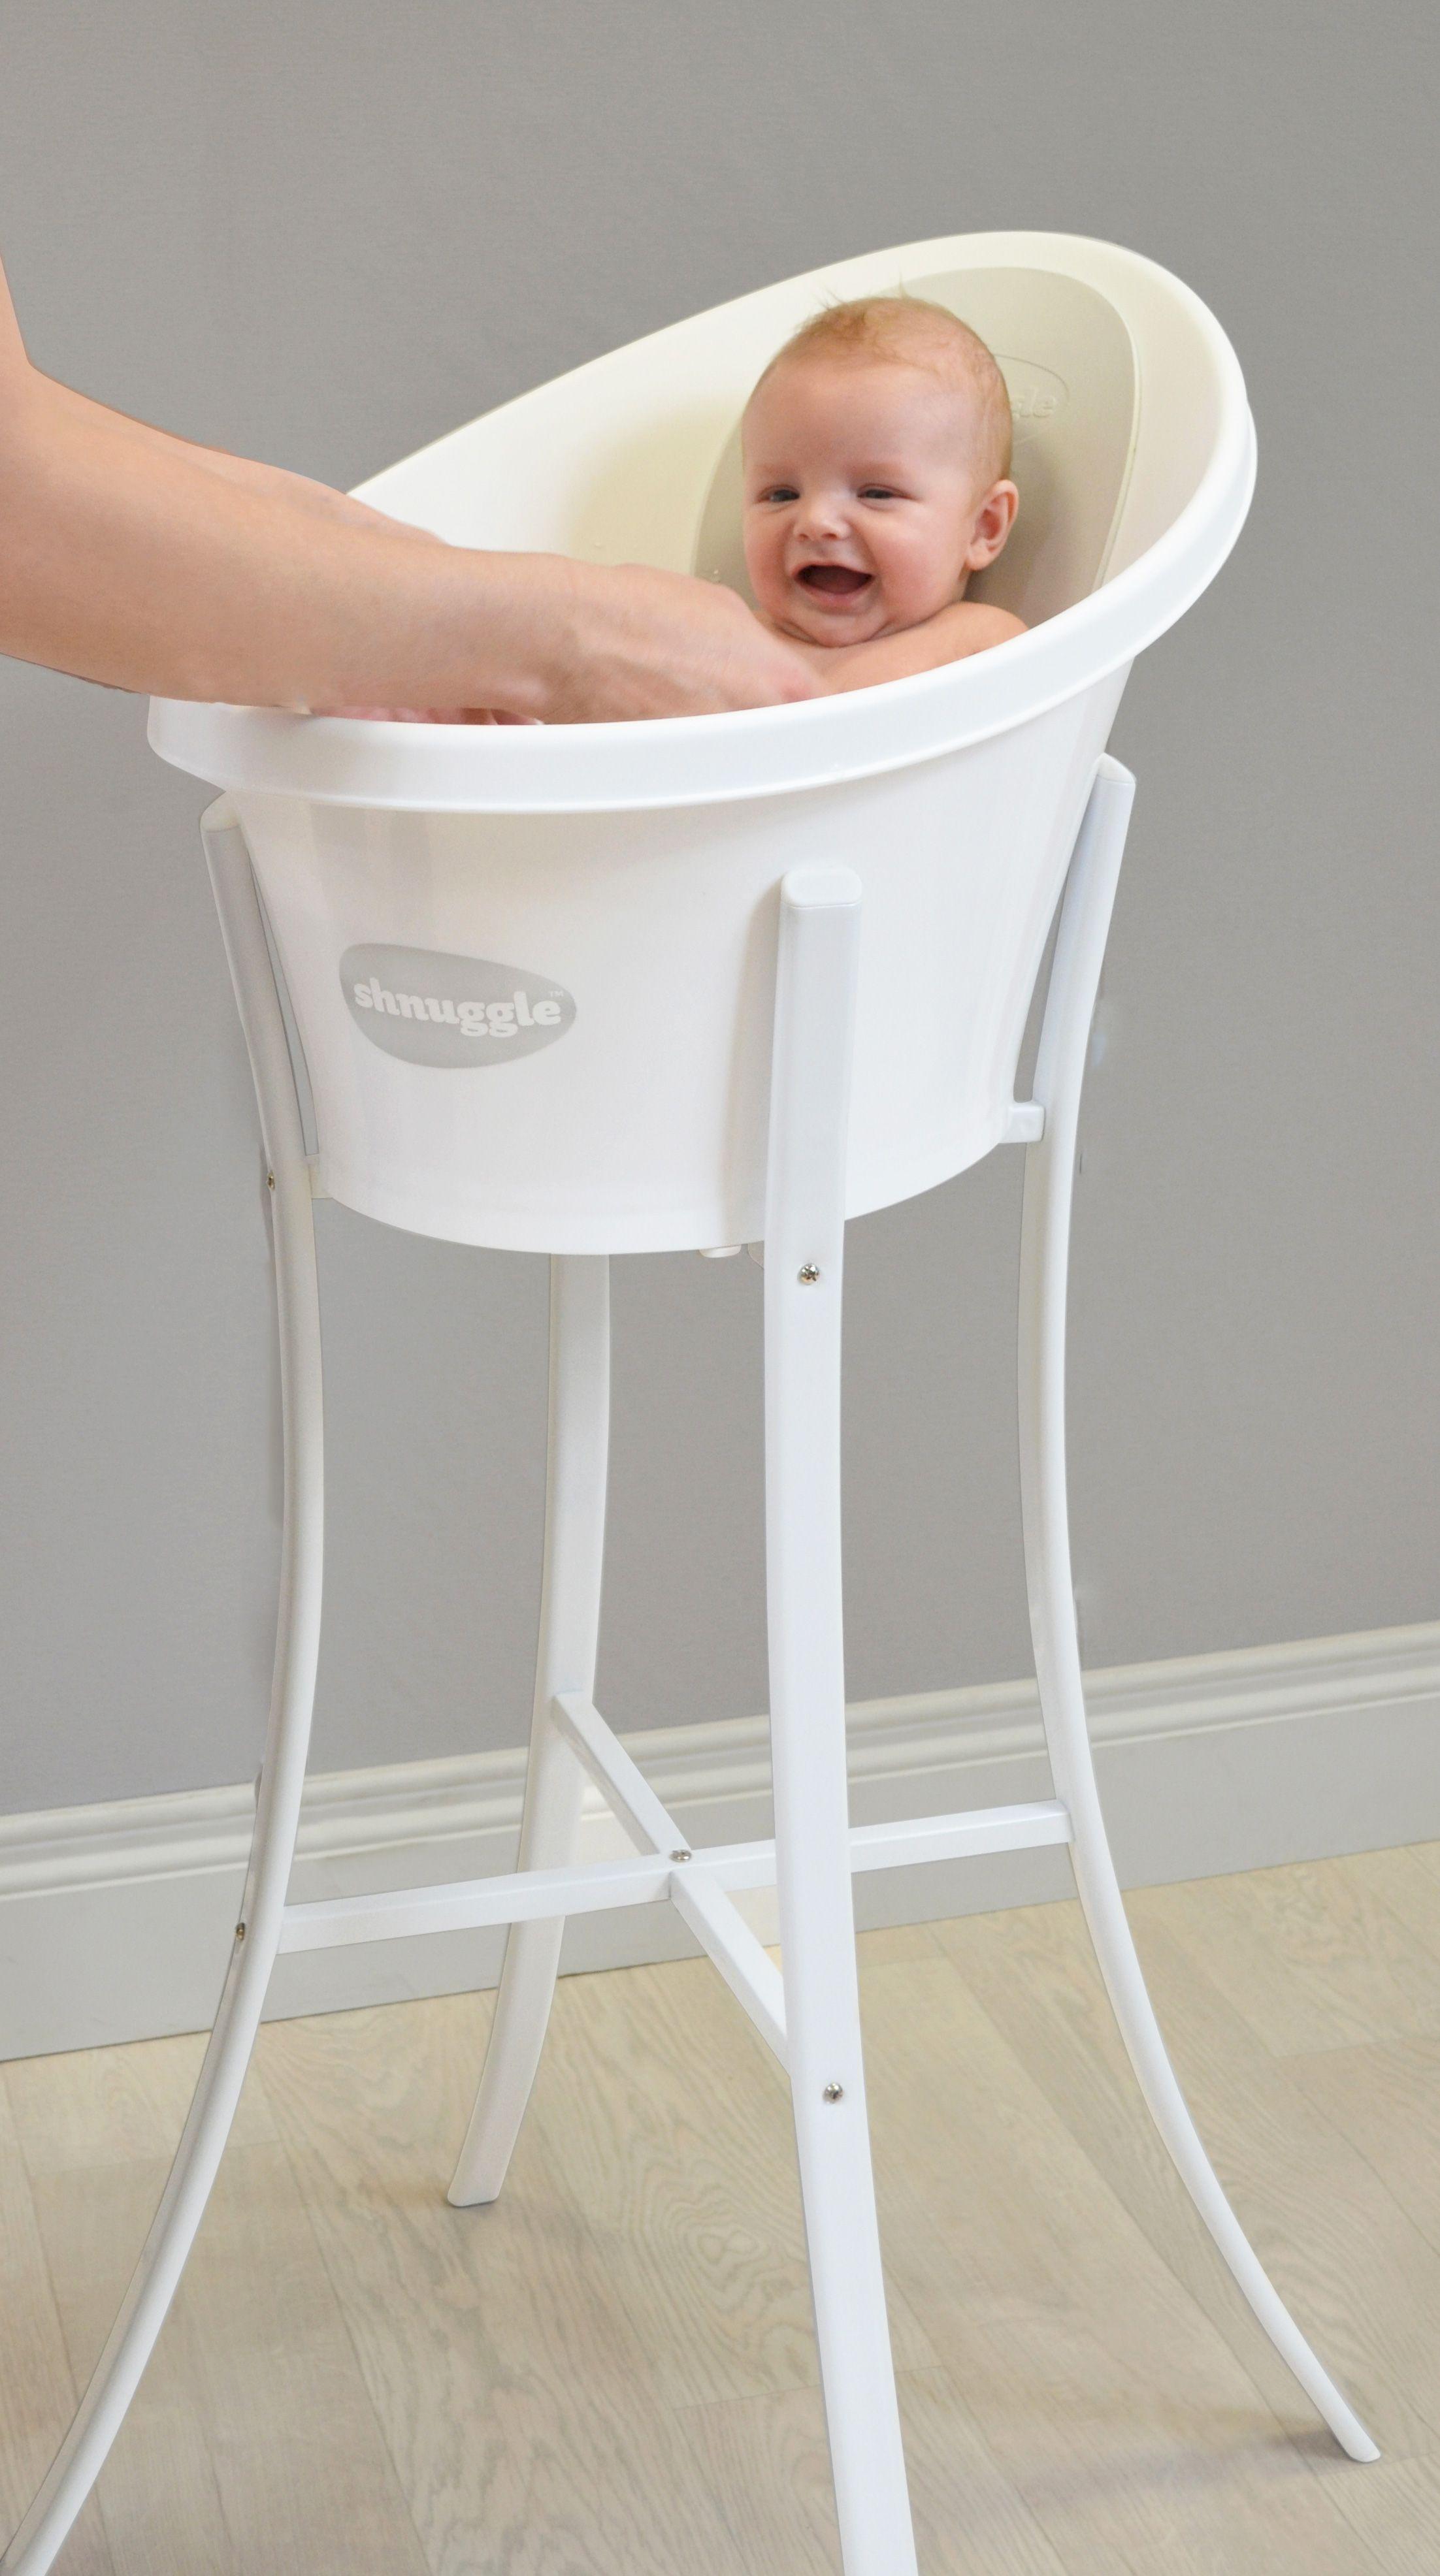 Baby Bath With Plug & Foam Backrest Baby tub, Baby bath